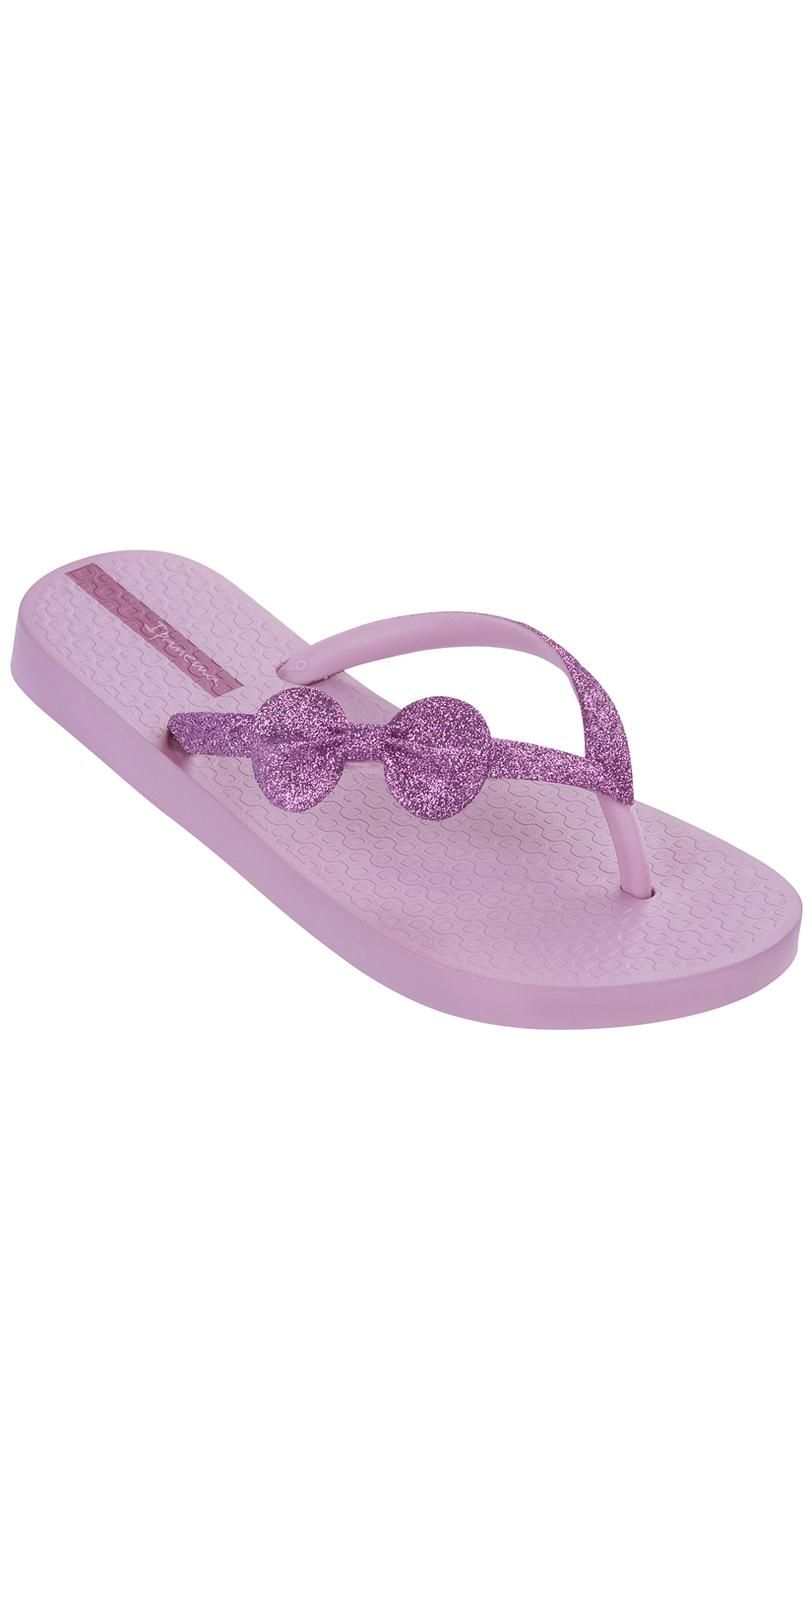 4d4e100ec iPanema 2014 Glitter Kid Pink Bow  FlipFlops 21556